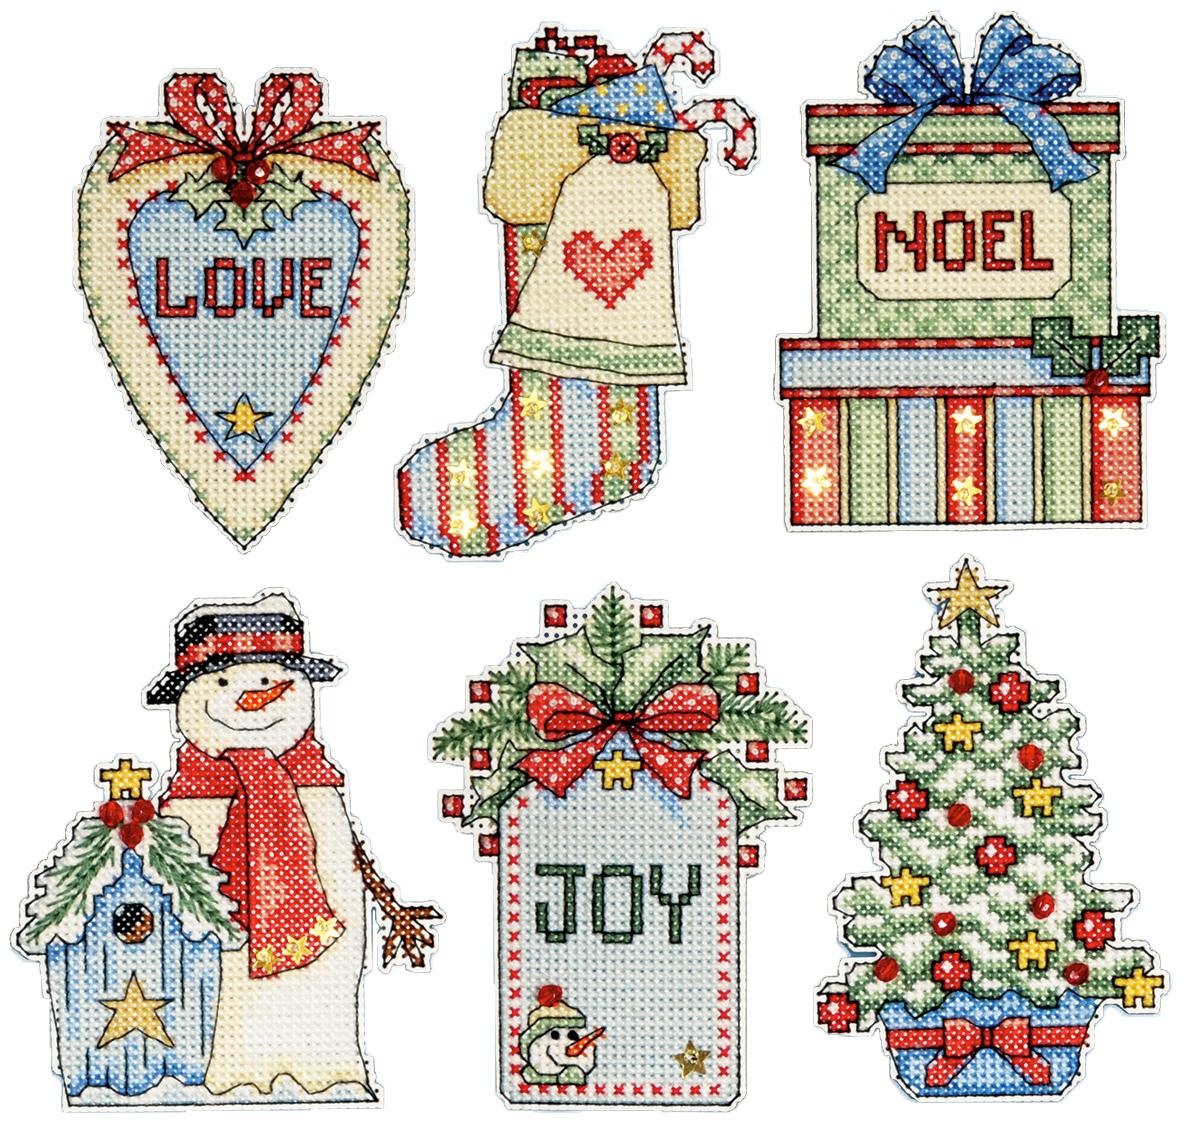 Набор для вышивания игрушки Design Works Страна Рождества, 7 х 9 см, 6 шт1683Для 6 игрушек: канва пластиковая 14, нитки мулине (100% хлопок), игла, инструкция на русском языке.